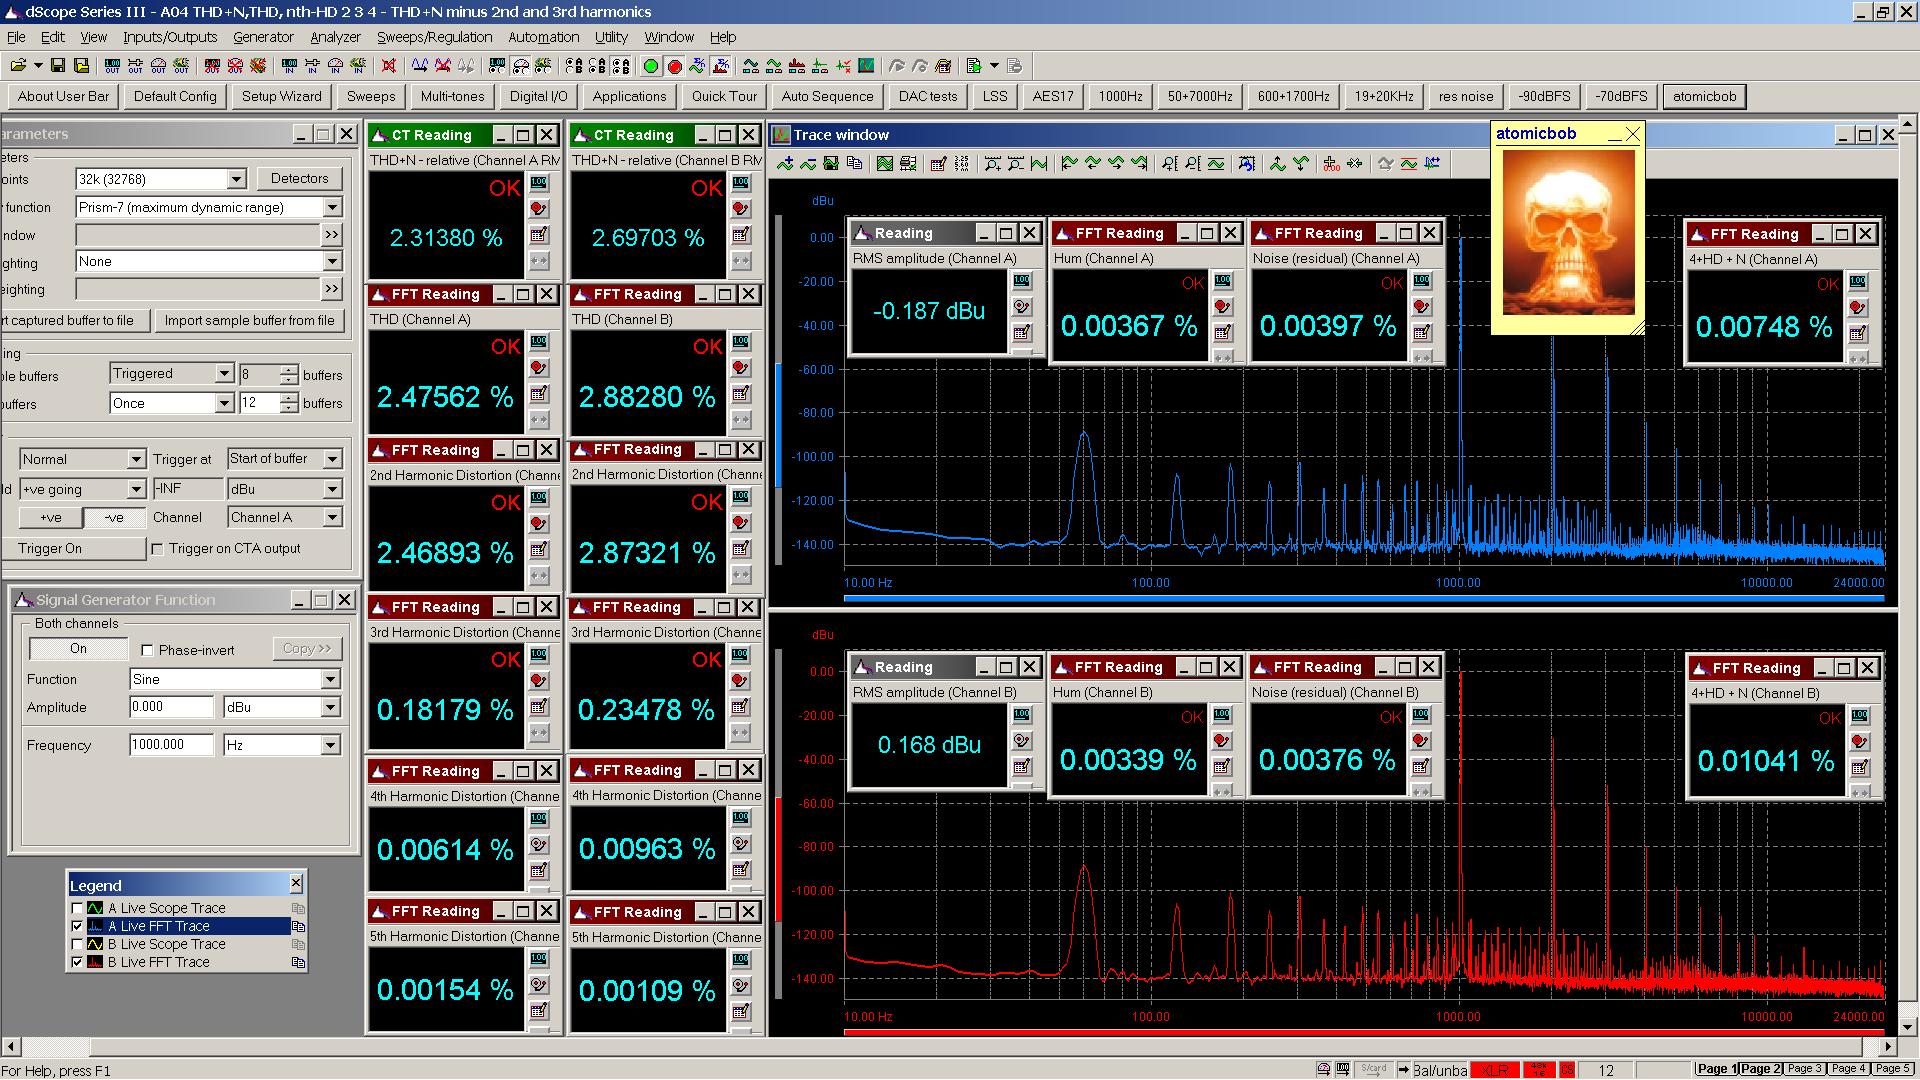 201900930 SW51+ 6Z51P A04 THD+N  THD  nth-HD FFT 30R LoZ - 4+HD+N with 60Hz 0dBu.png